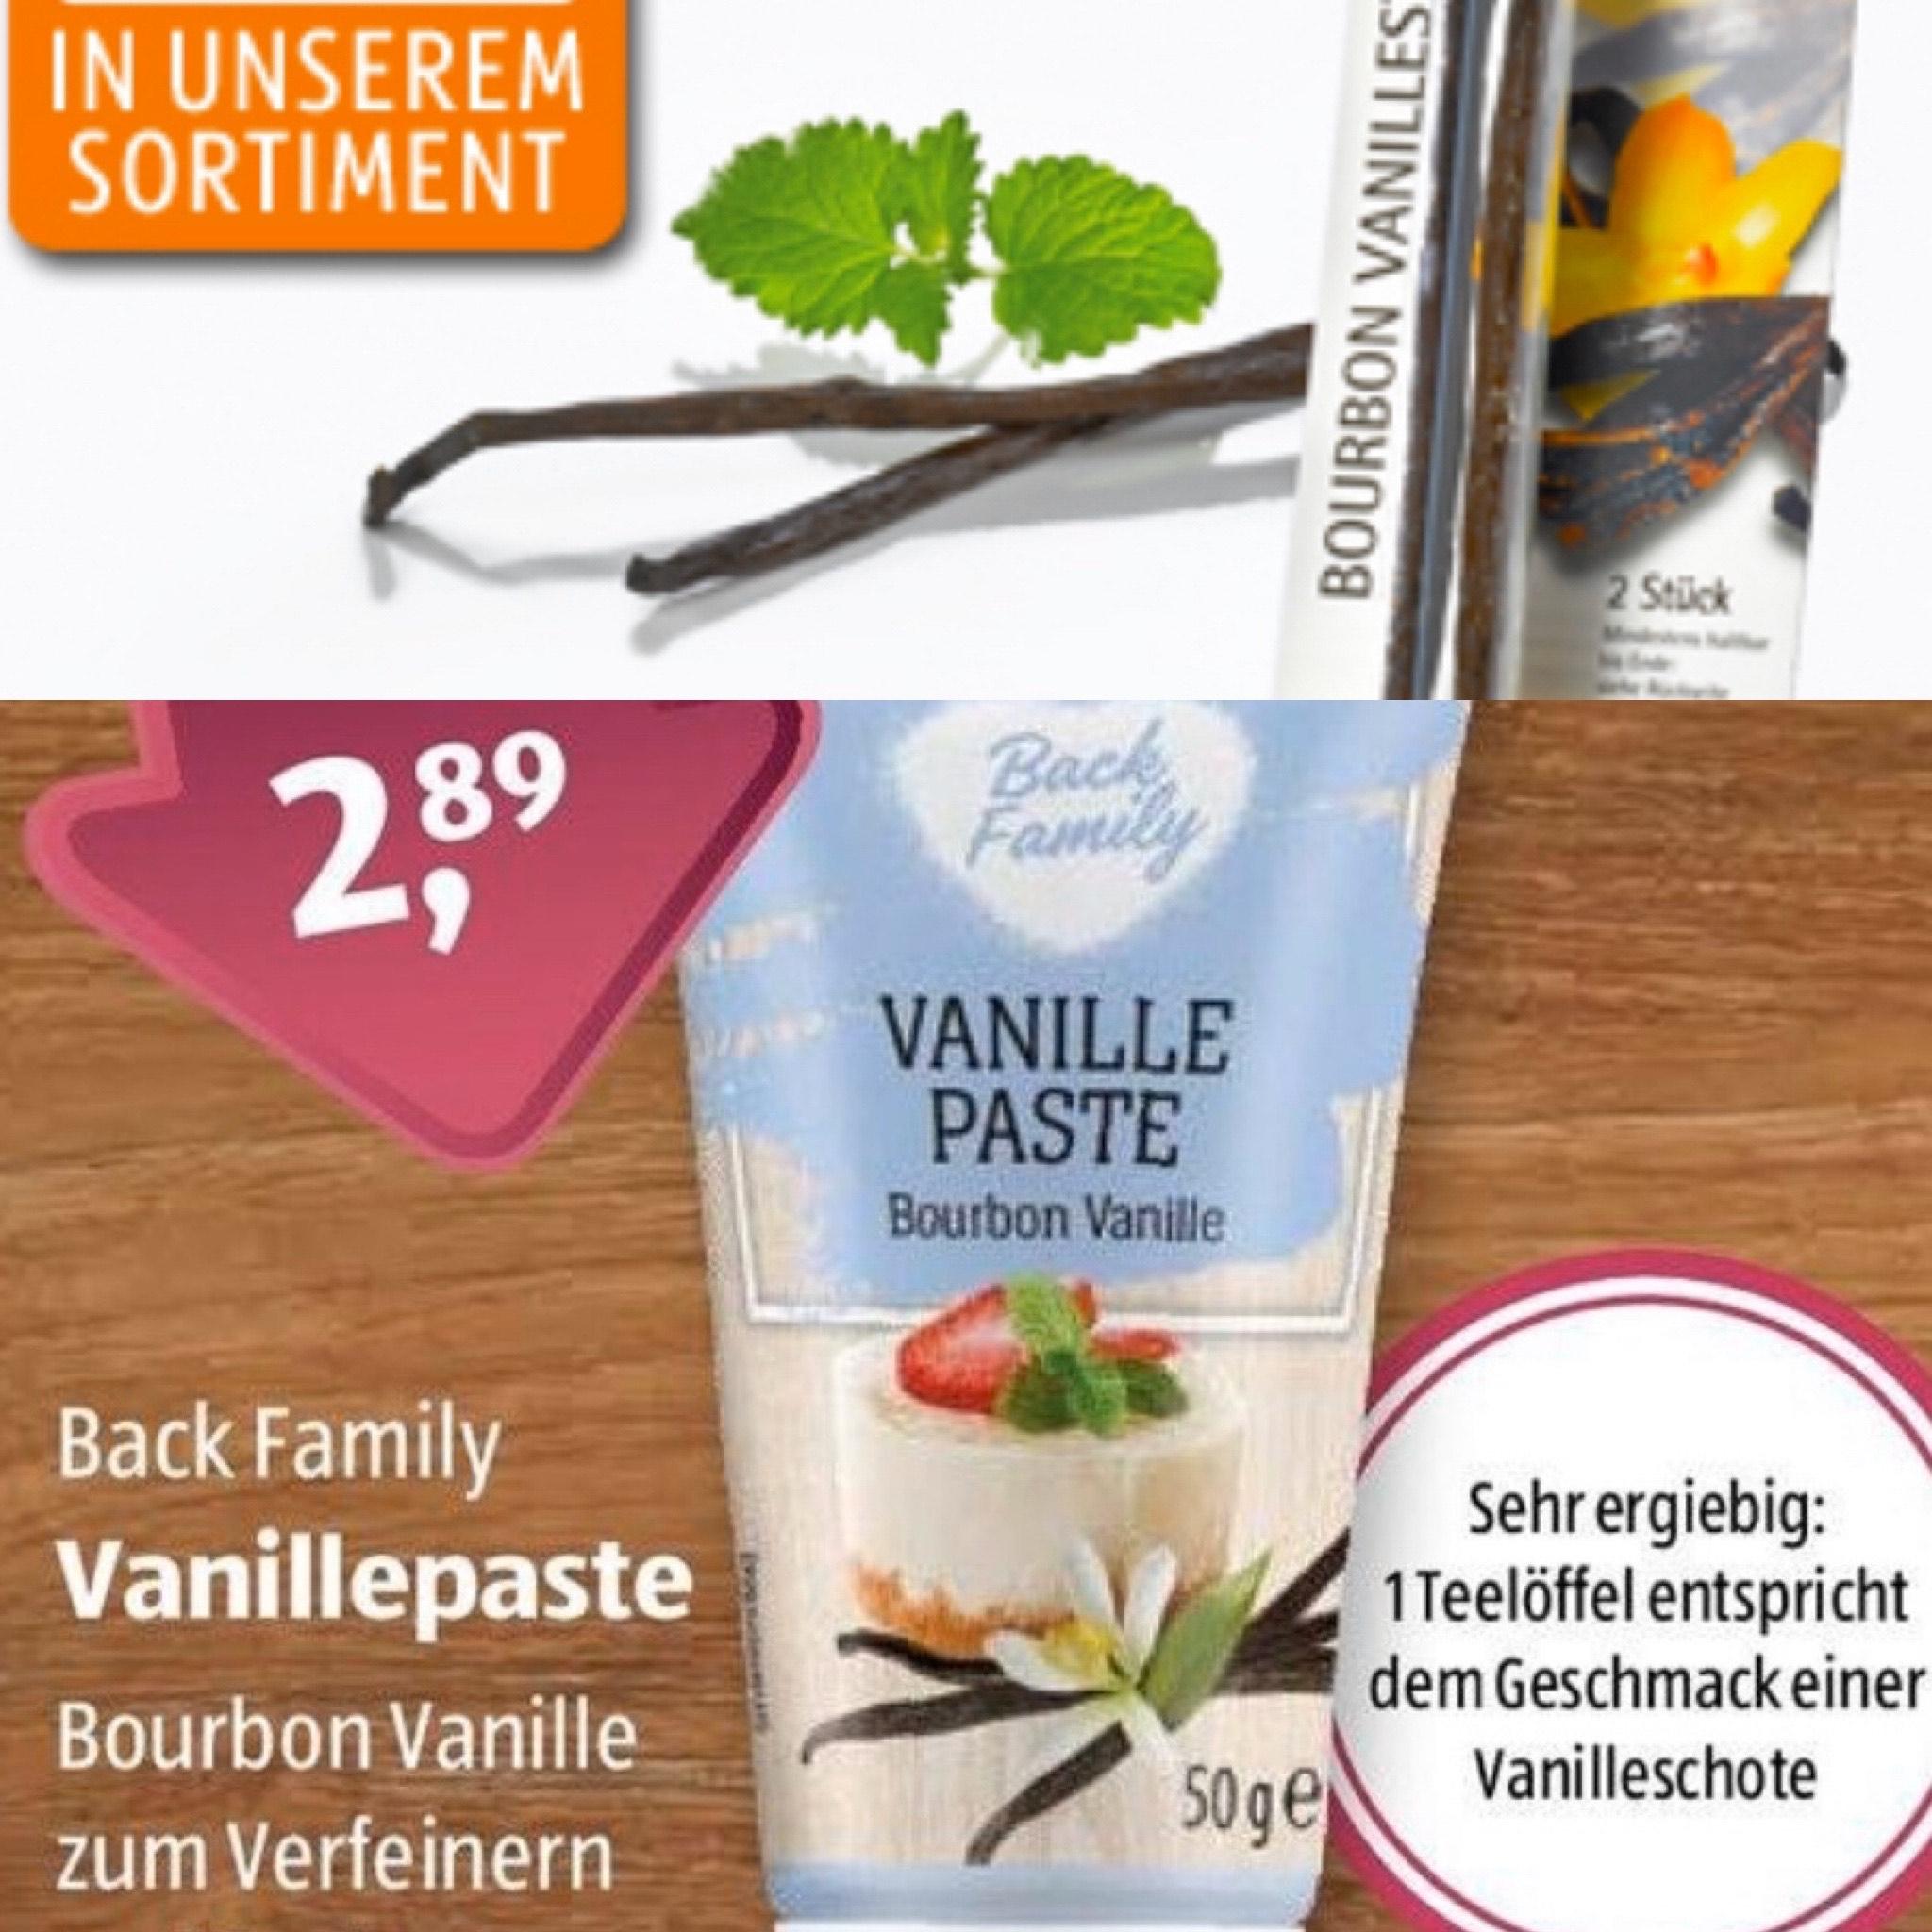 Vanilleschote für 1,99€ & Vanillepaste 15% für 2,89€